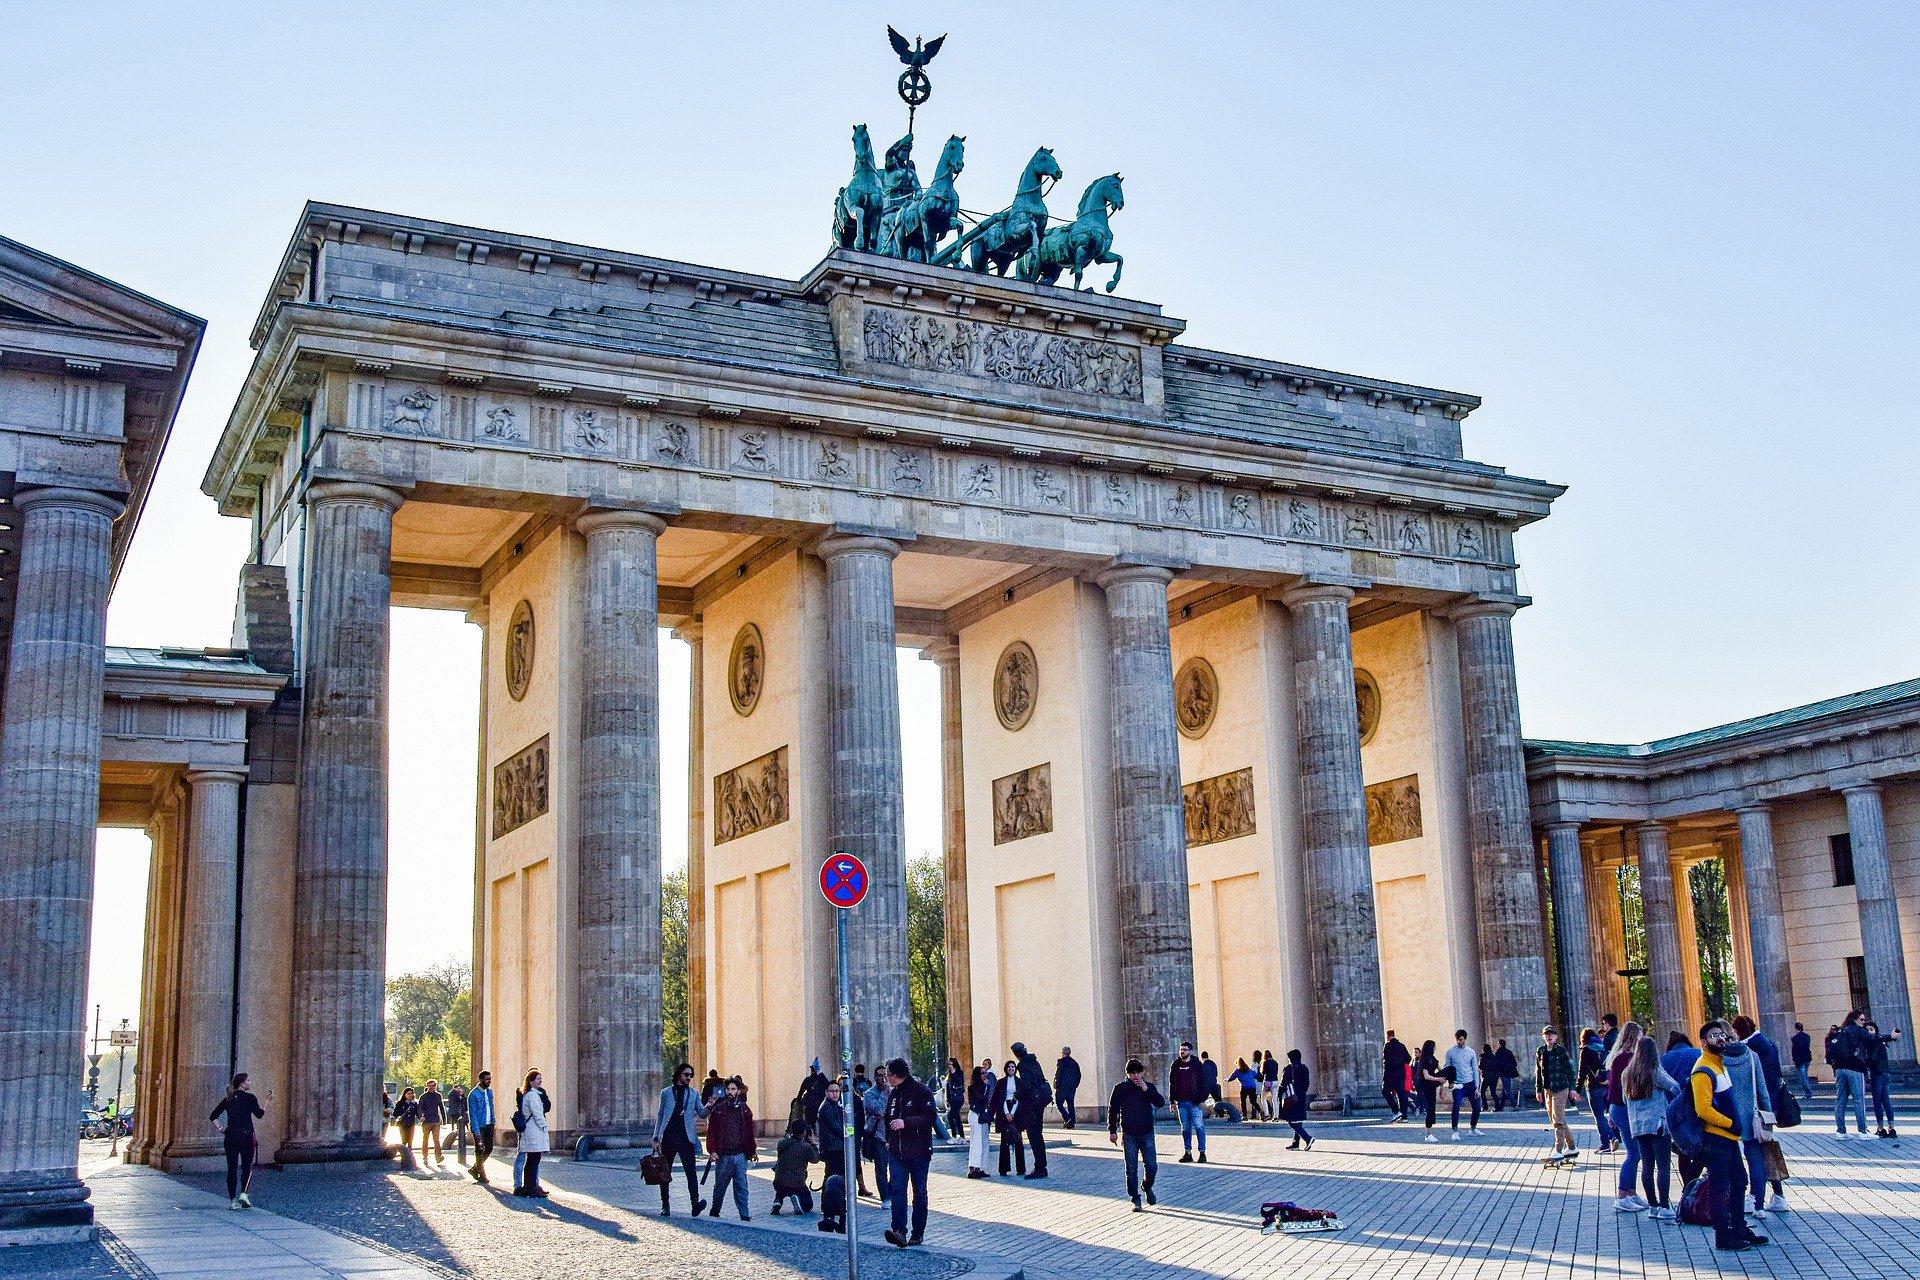 Duitsland verlaagt de btw-tarieven voorlopig tot eind 2020